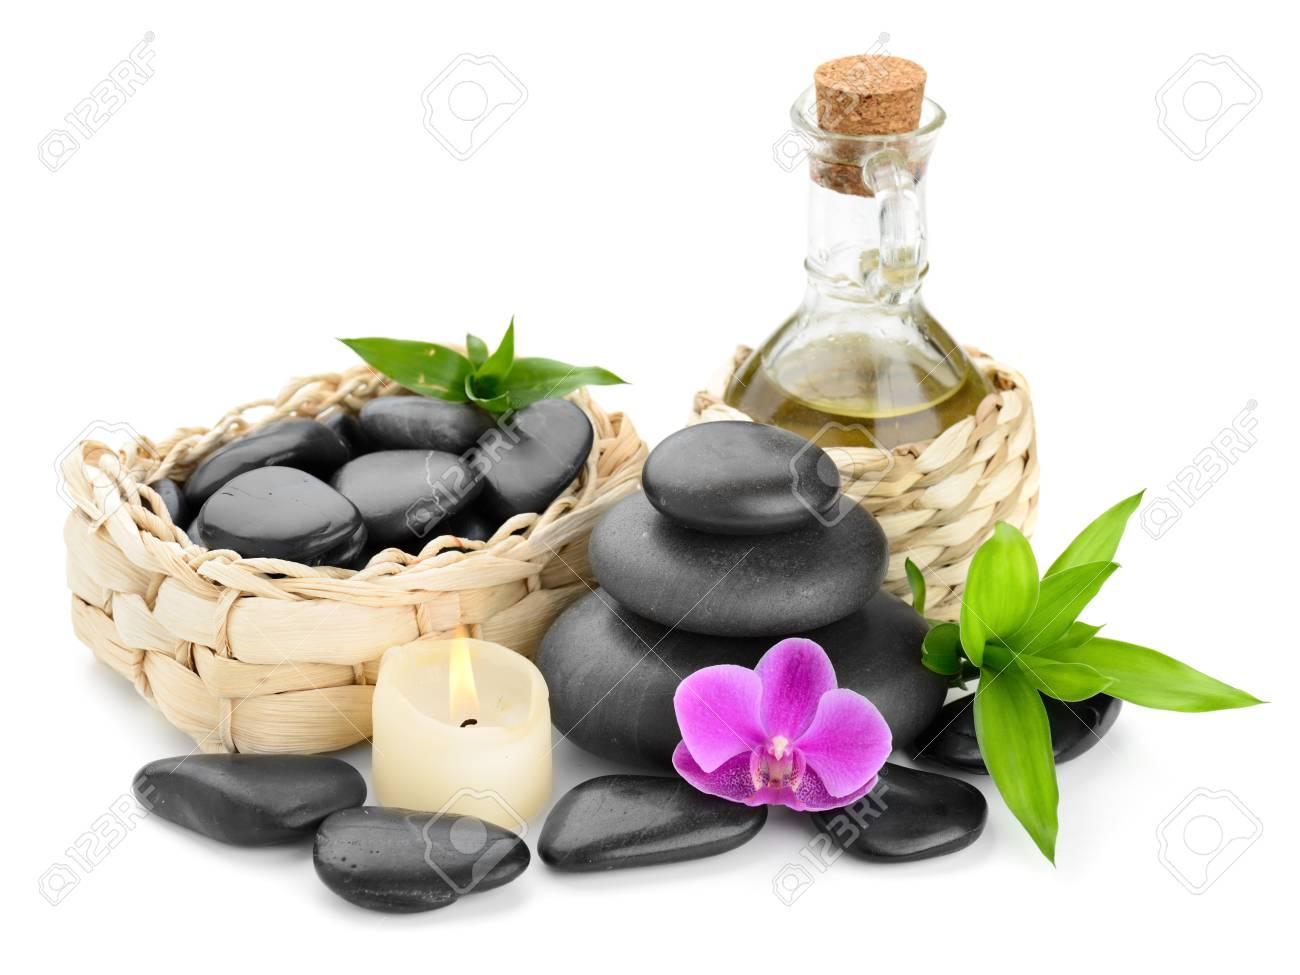 zen basalt stones and orchid Stock Photo - 14391772